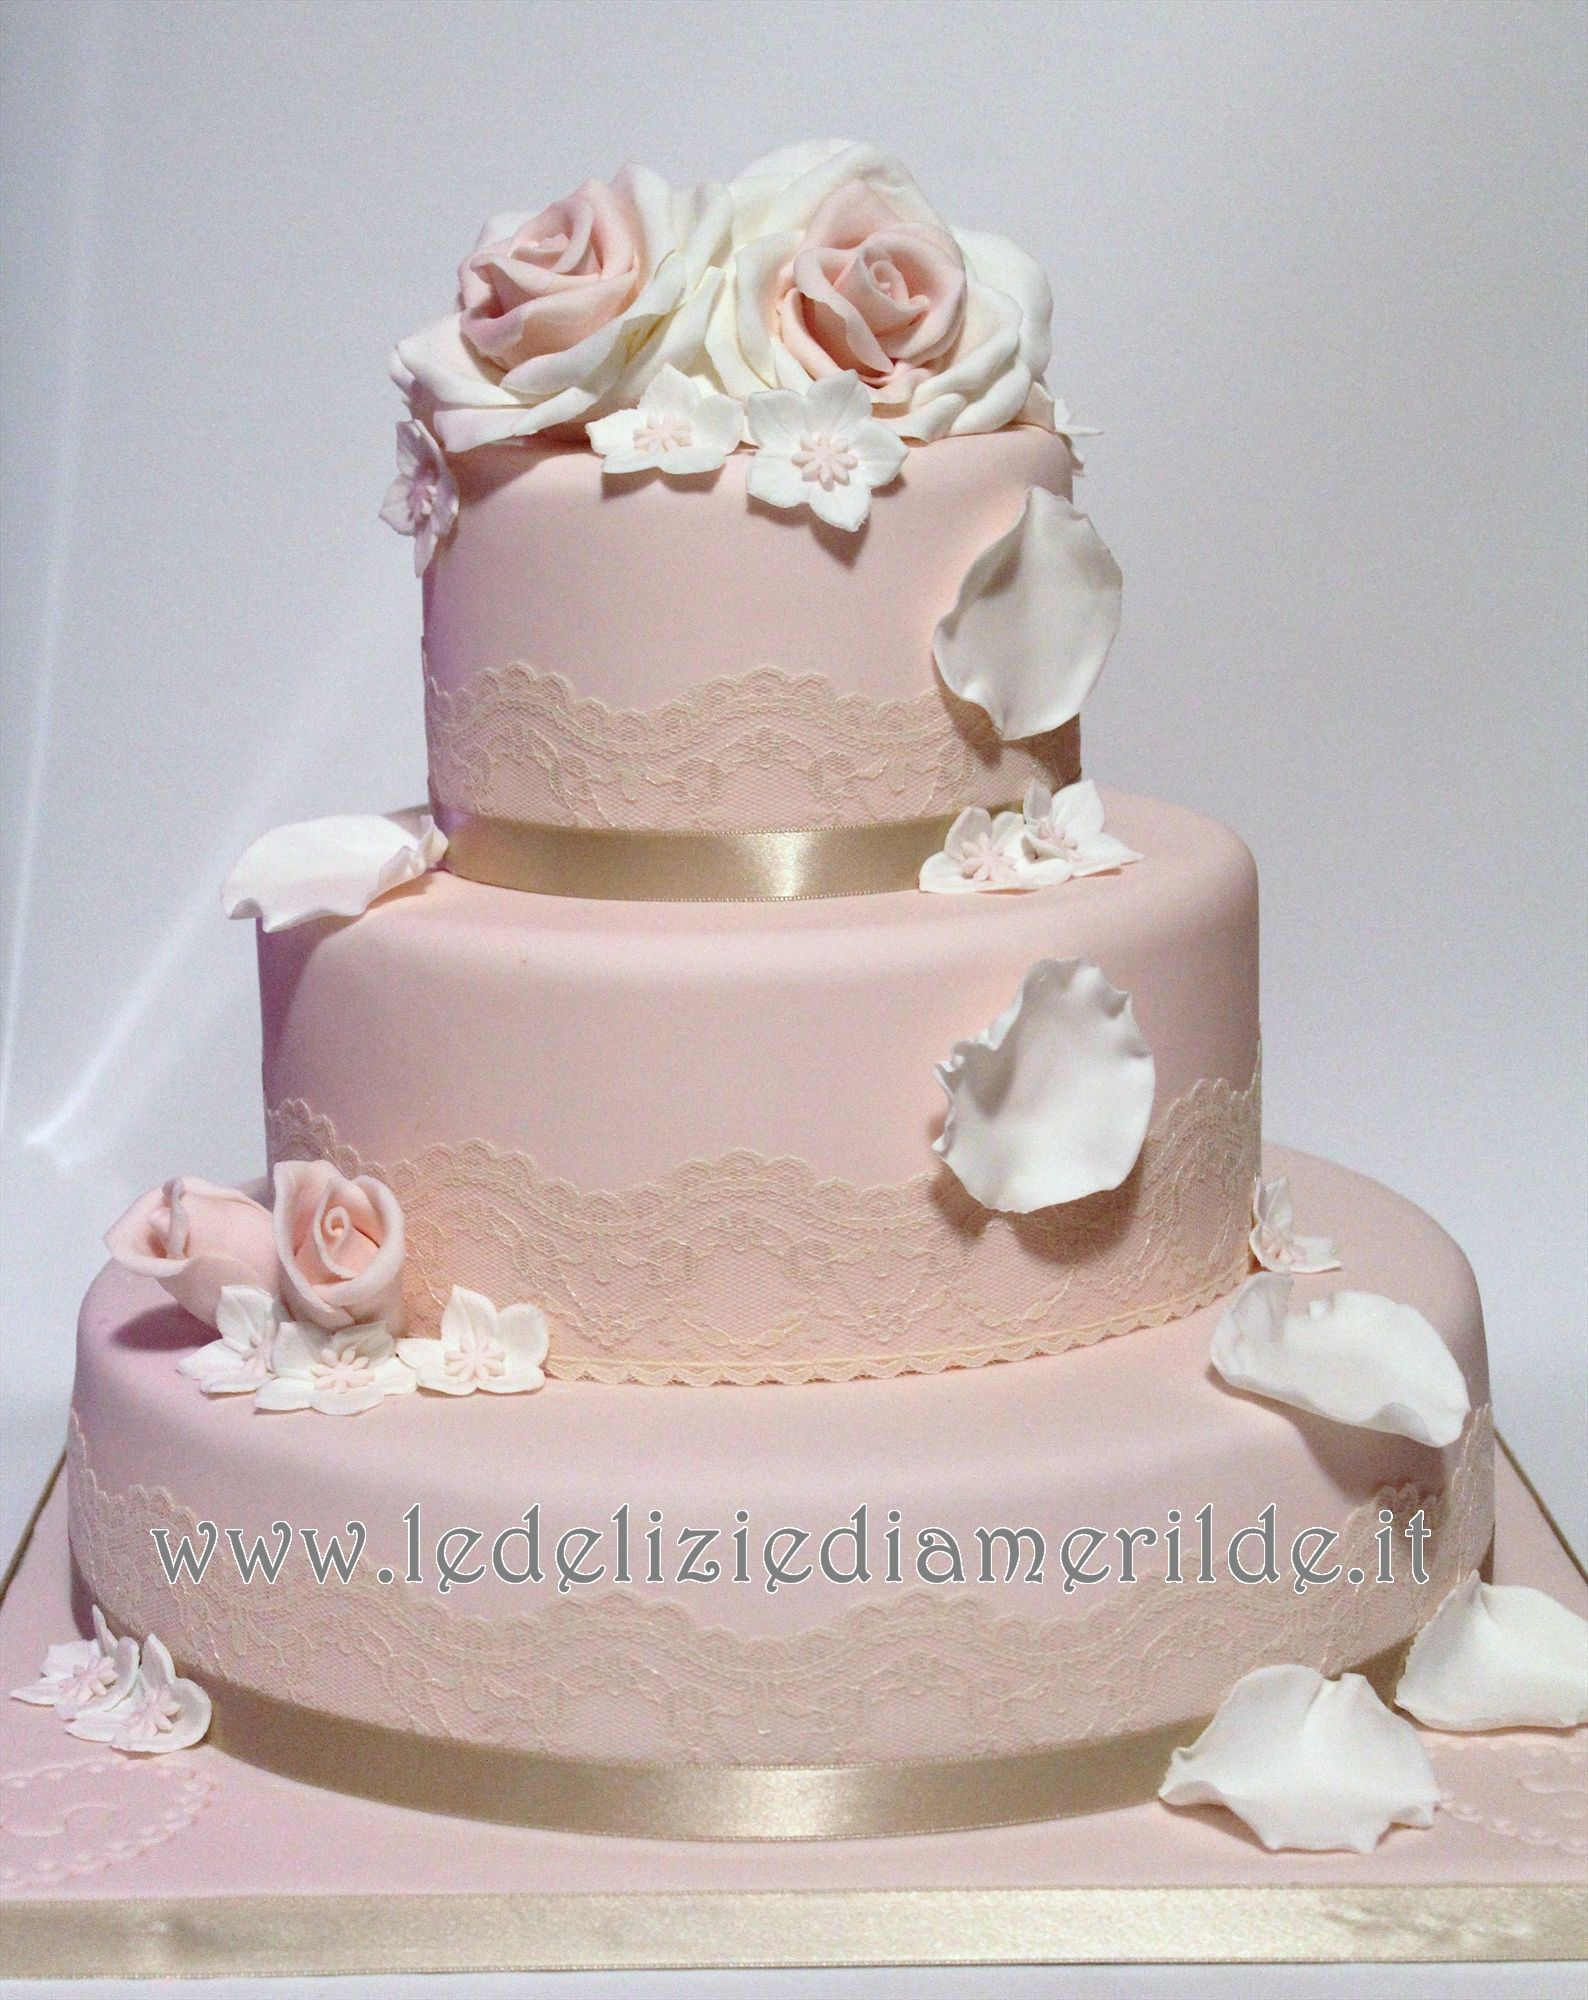 wedding cake wedding cake pinterest. Black Bedroom Furniture Sets. Home Design Ideas